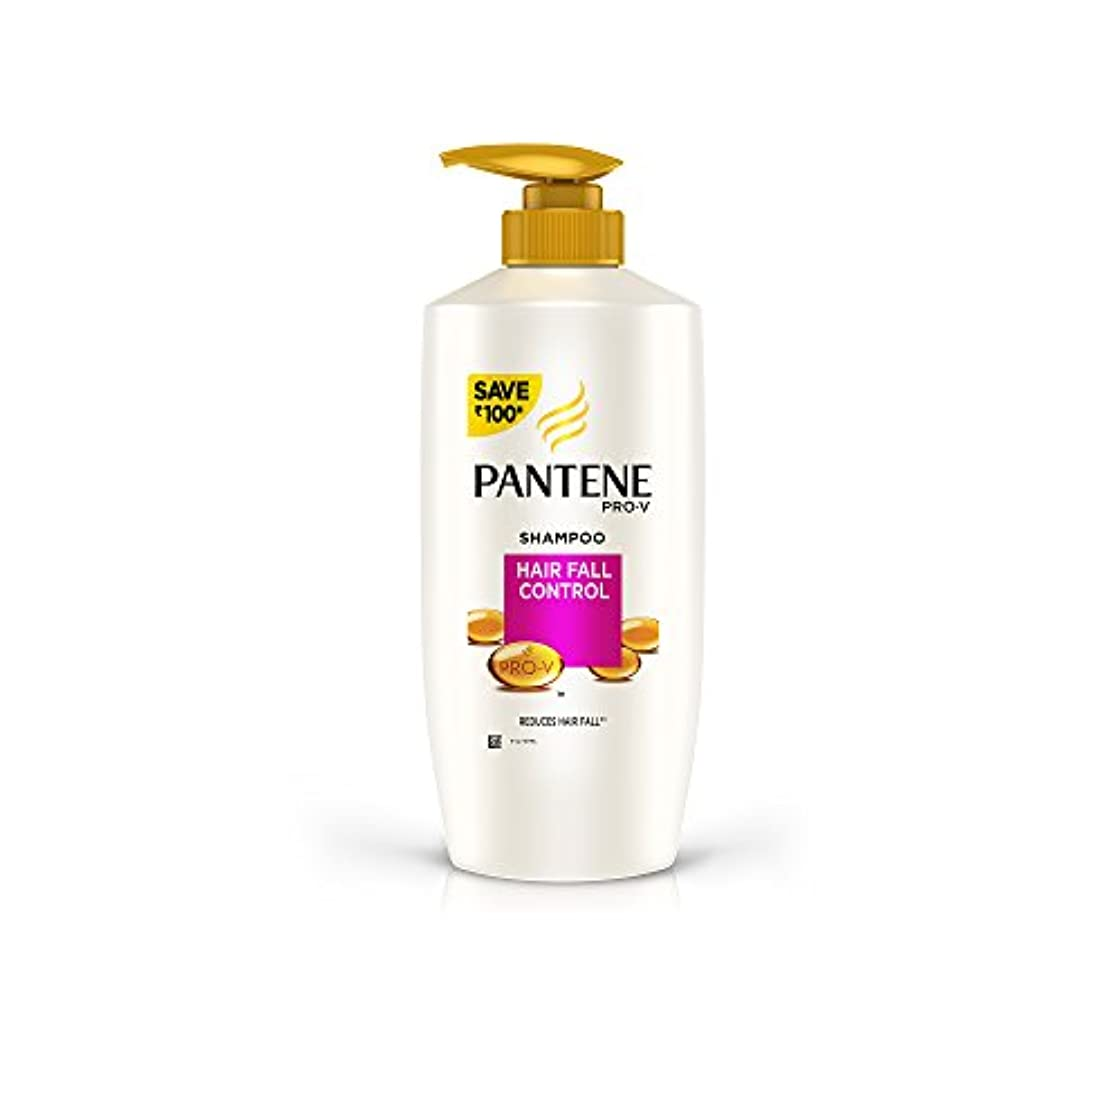 定義する実質的悲鳴PANTENE Hair Fall control SHAMPOO 675 ml (PANTENEヘアフォールコントロールシャンプー675ml)